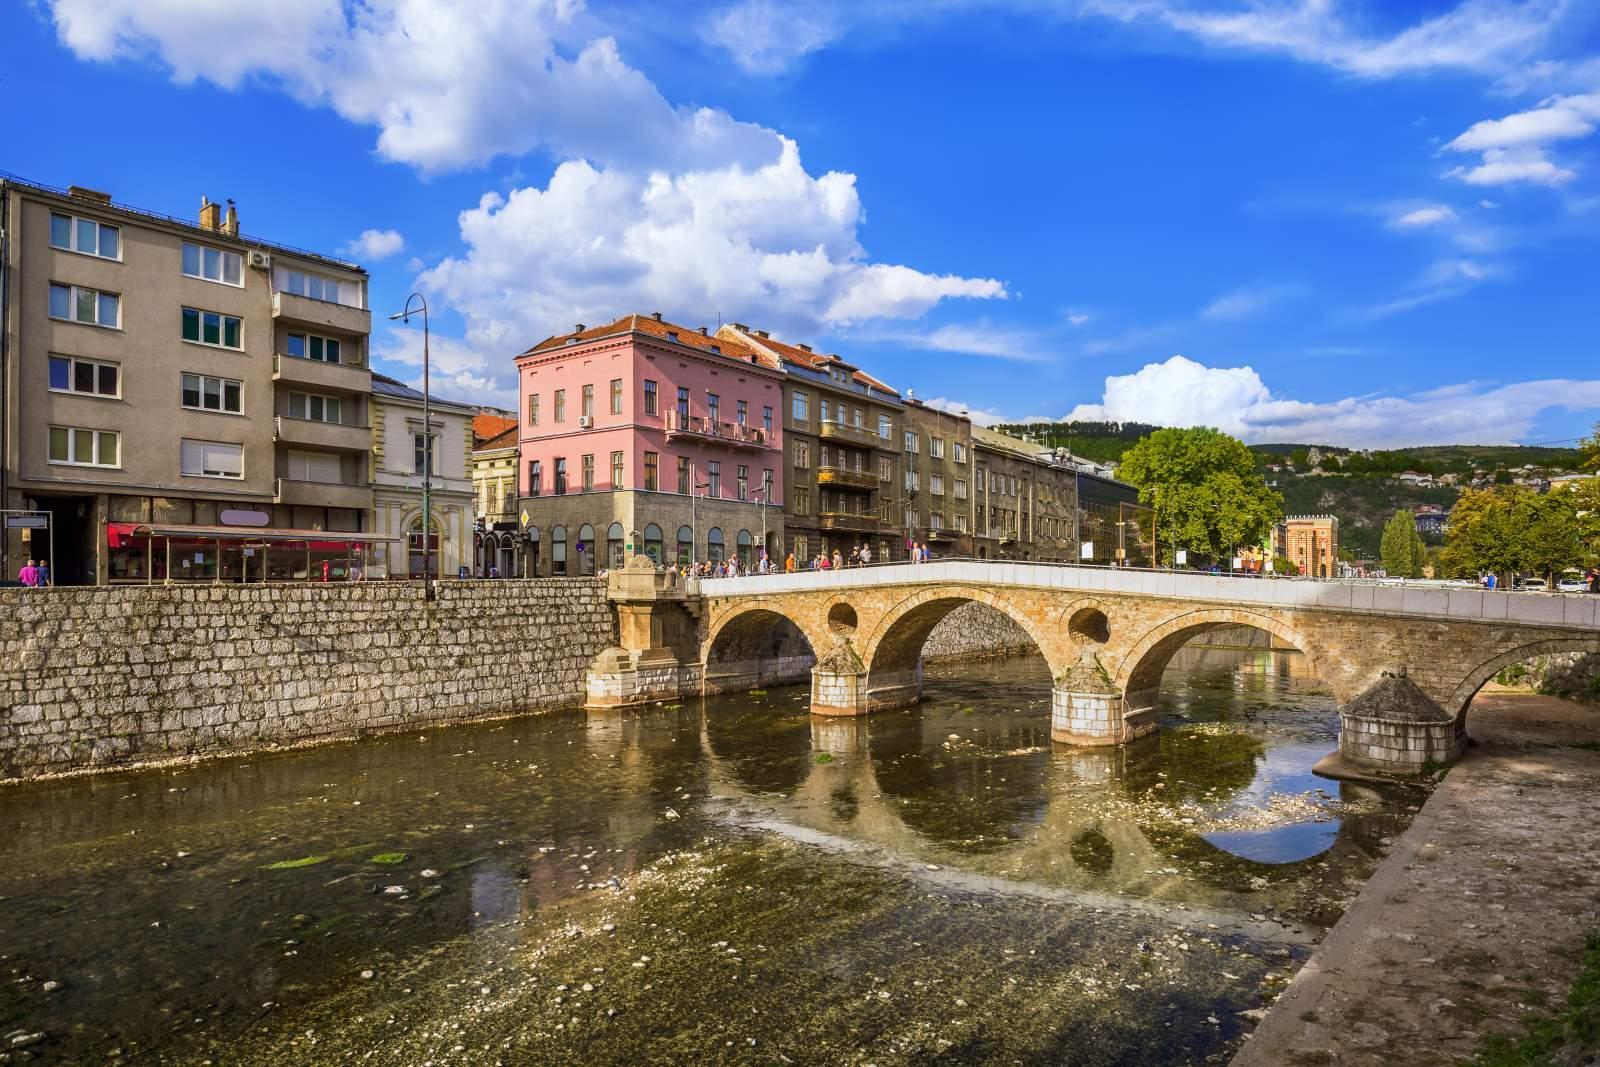 Nieodkryte Sarajewo z Polski. Loty liniami tradycyjnymi